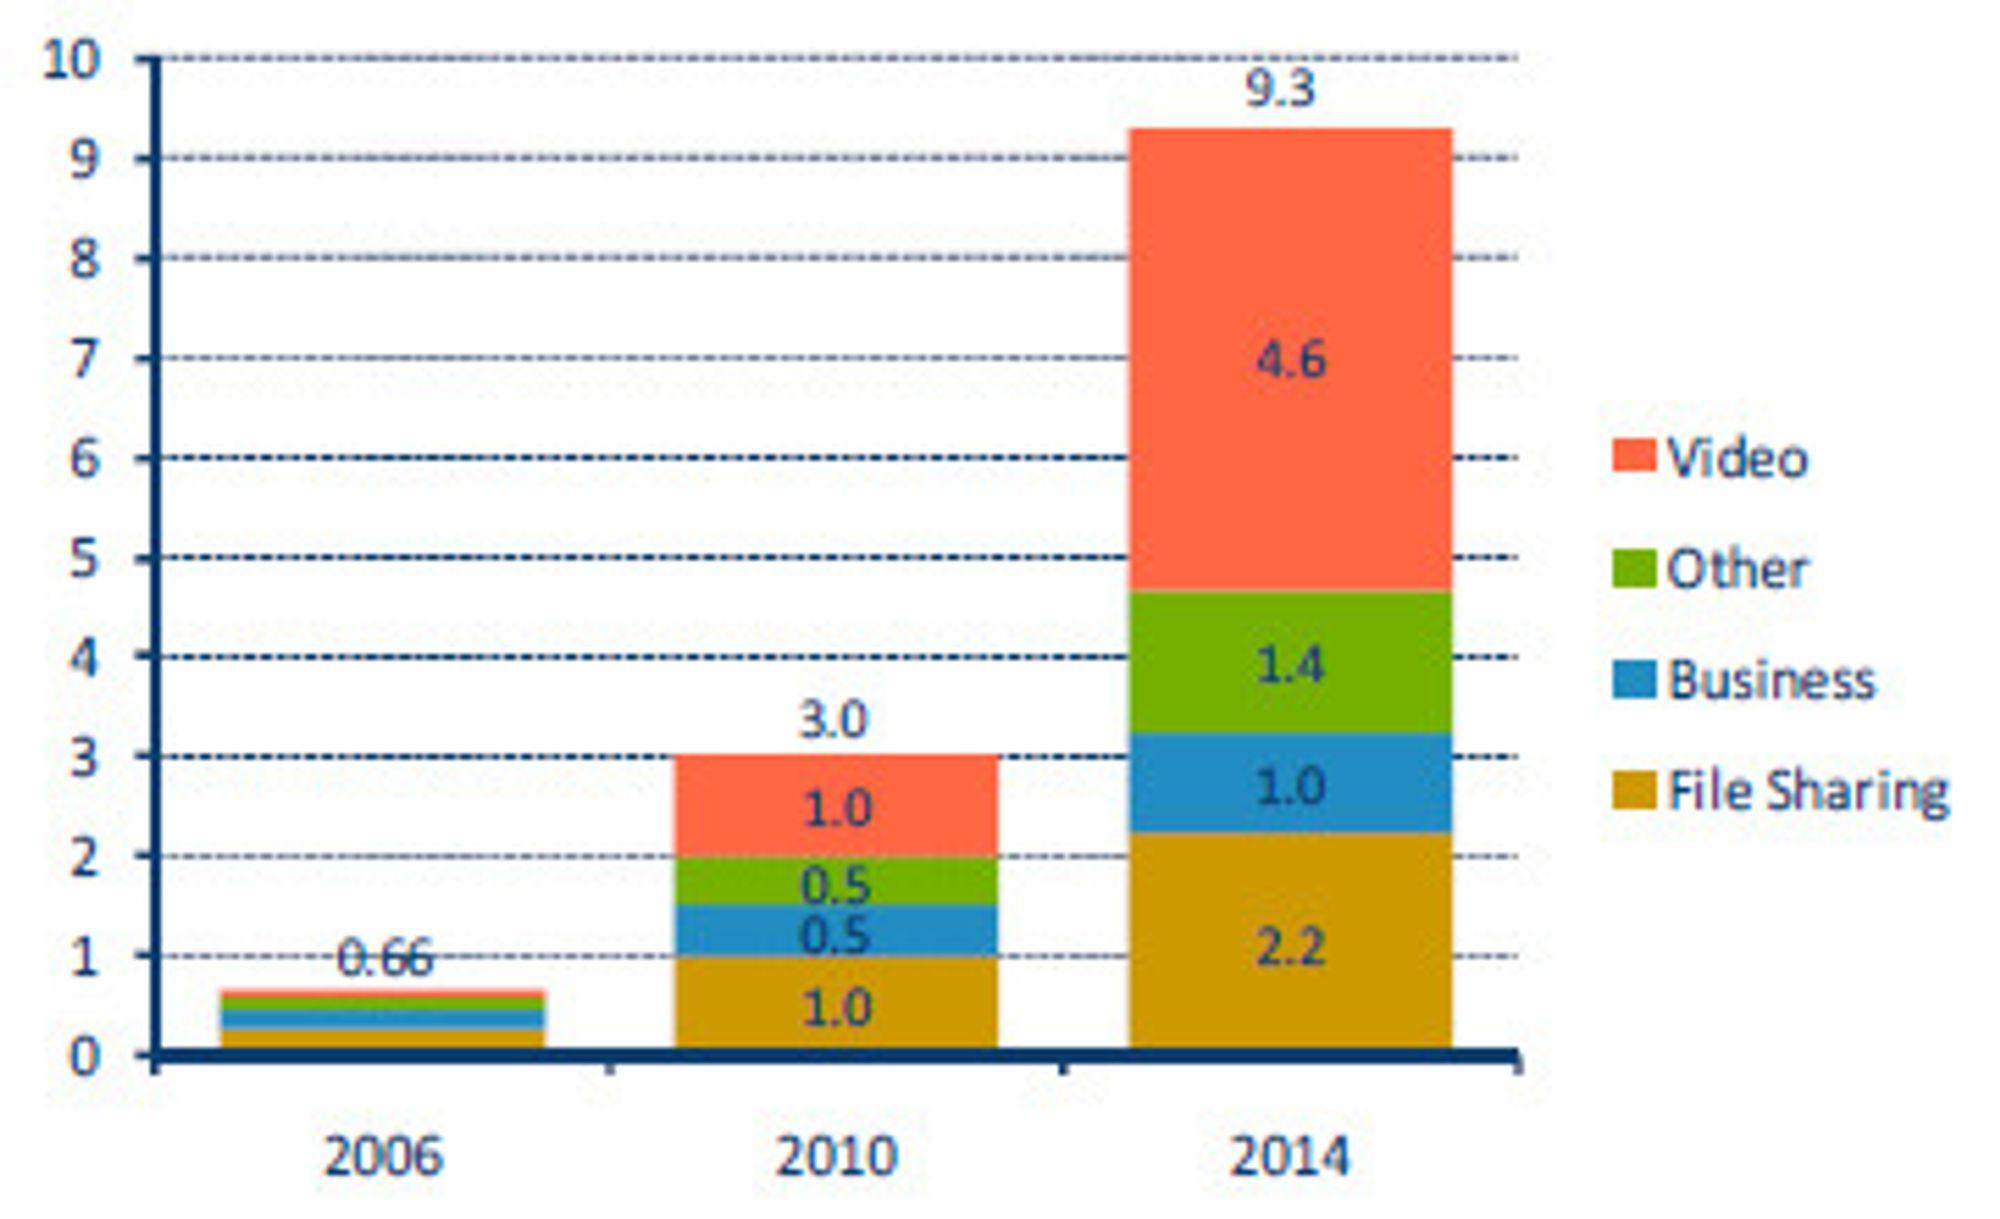 Trafikkutviklingen på Internett fra 2006 til 2014, ifølge Cisco VNI Visual Network Index).